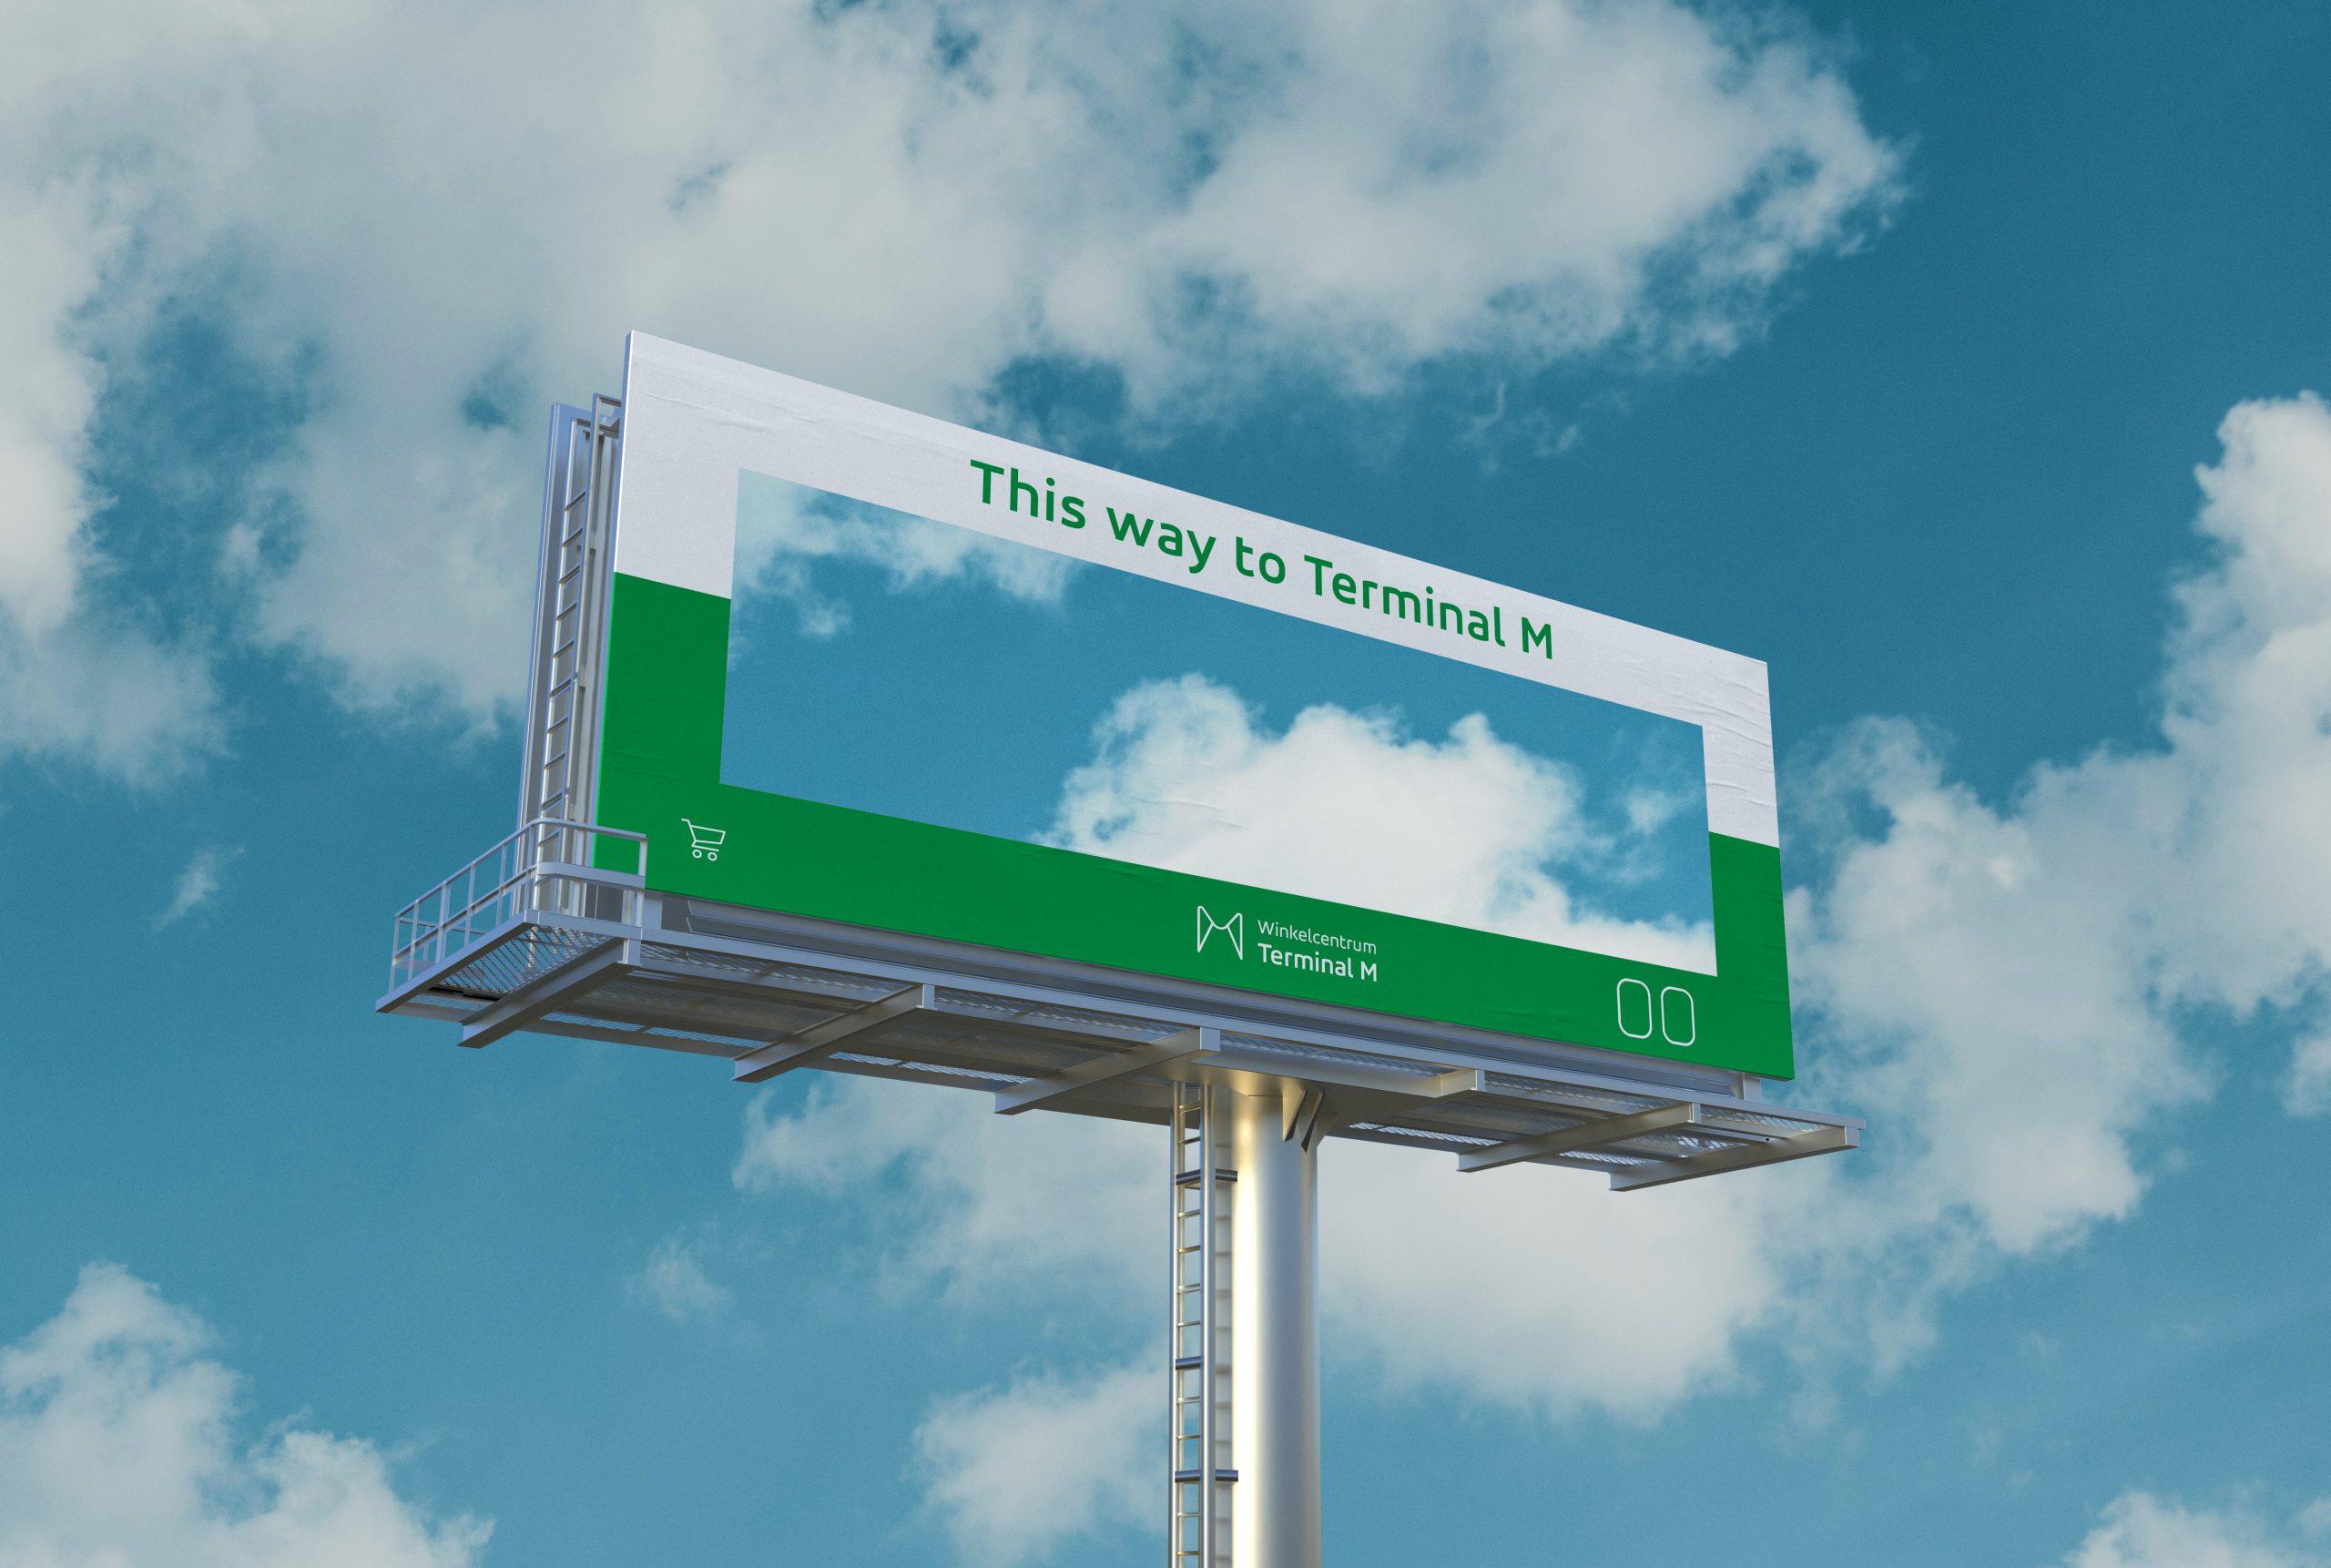 Meerhoven_Billboard_thiswayto